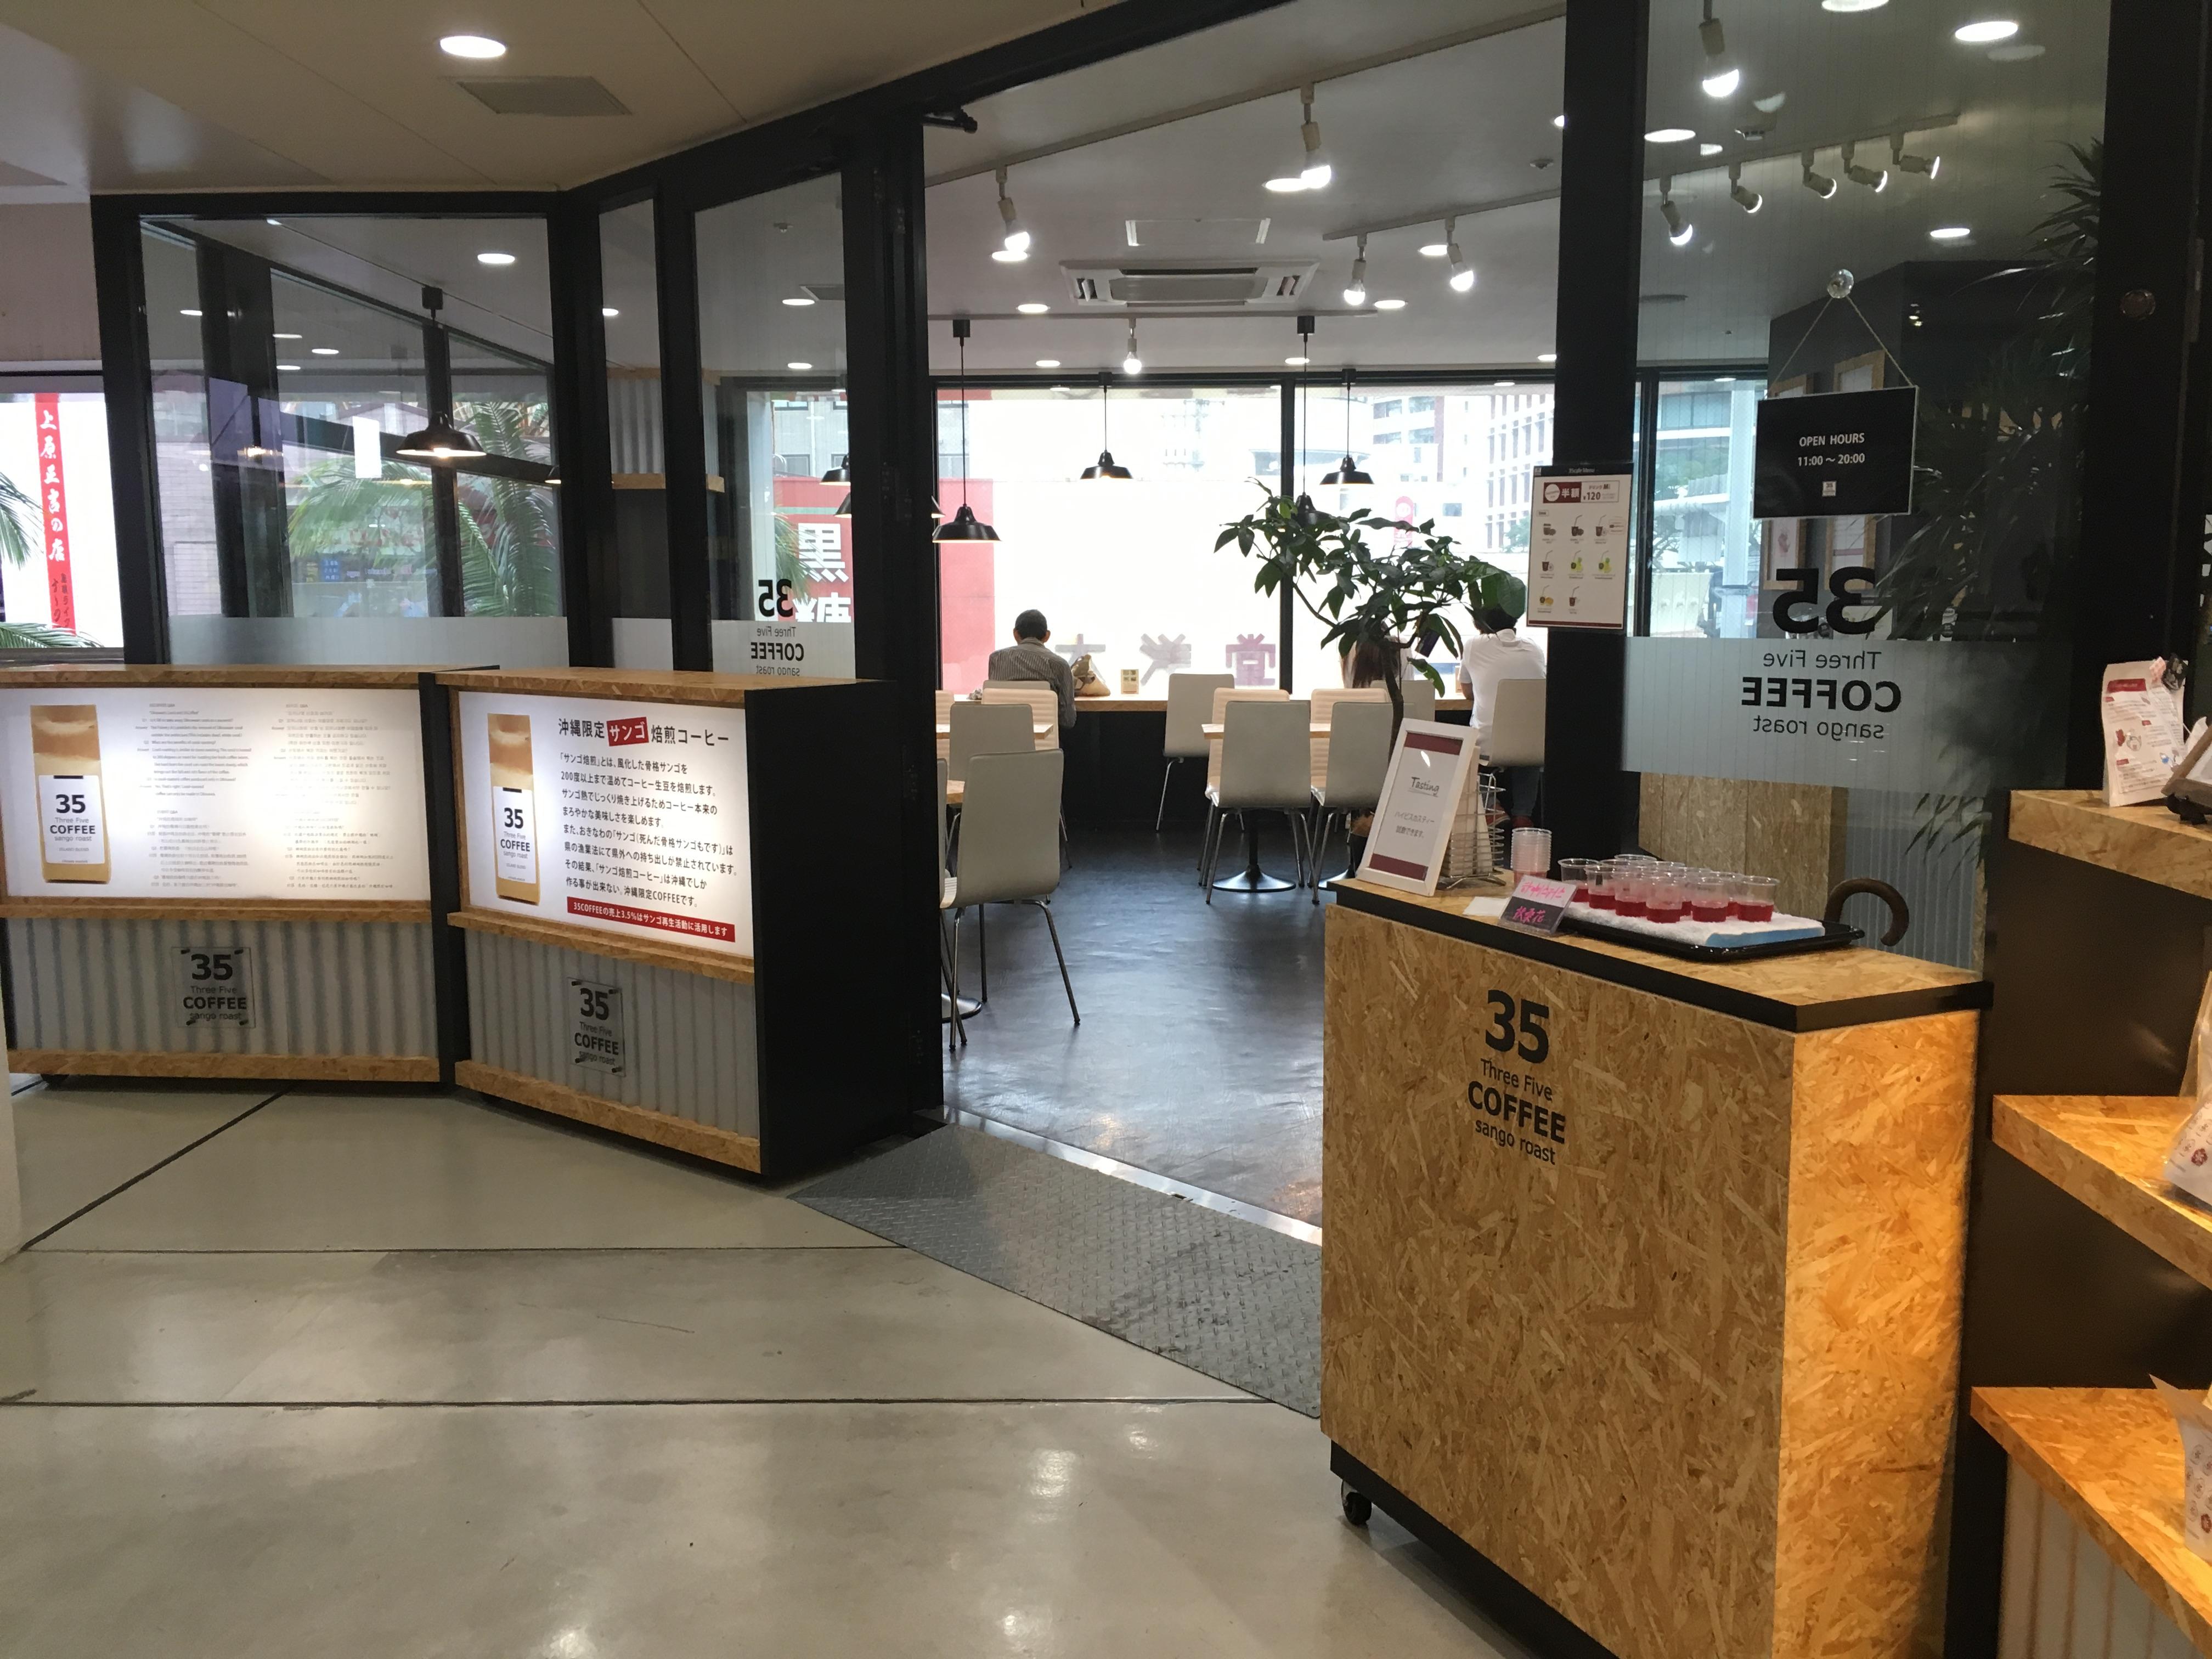 那覇・国際通りで仕事するならWi-Fi・電源ありのカフェ 35COFFEEがオススメ